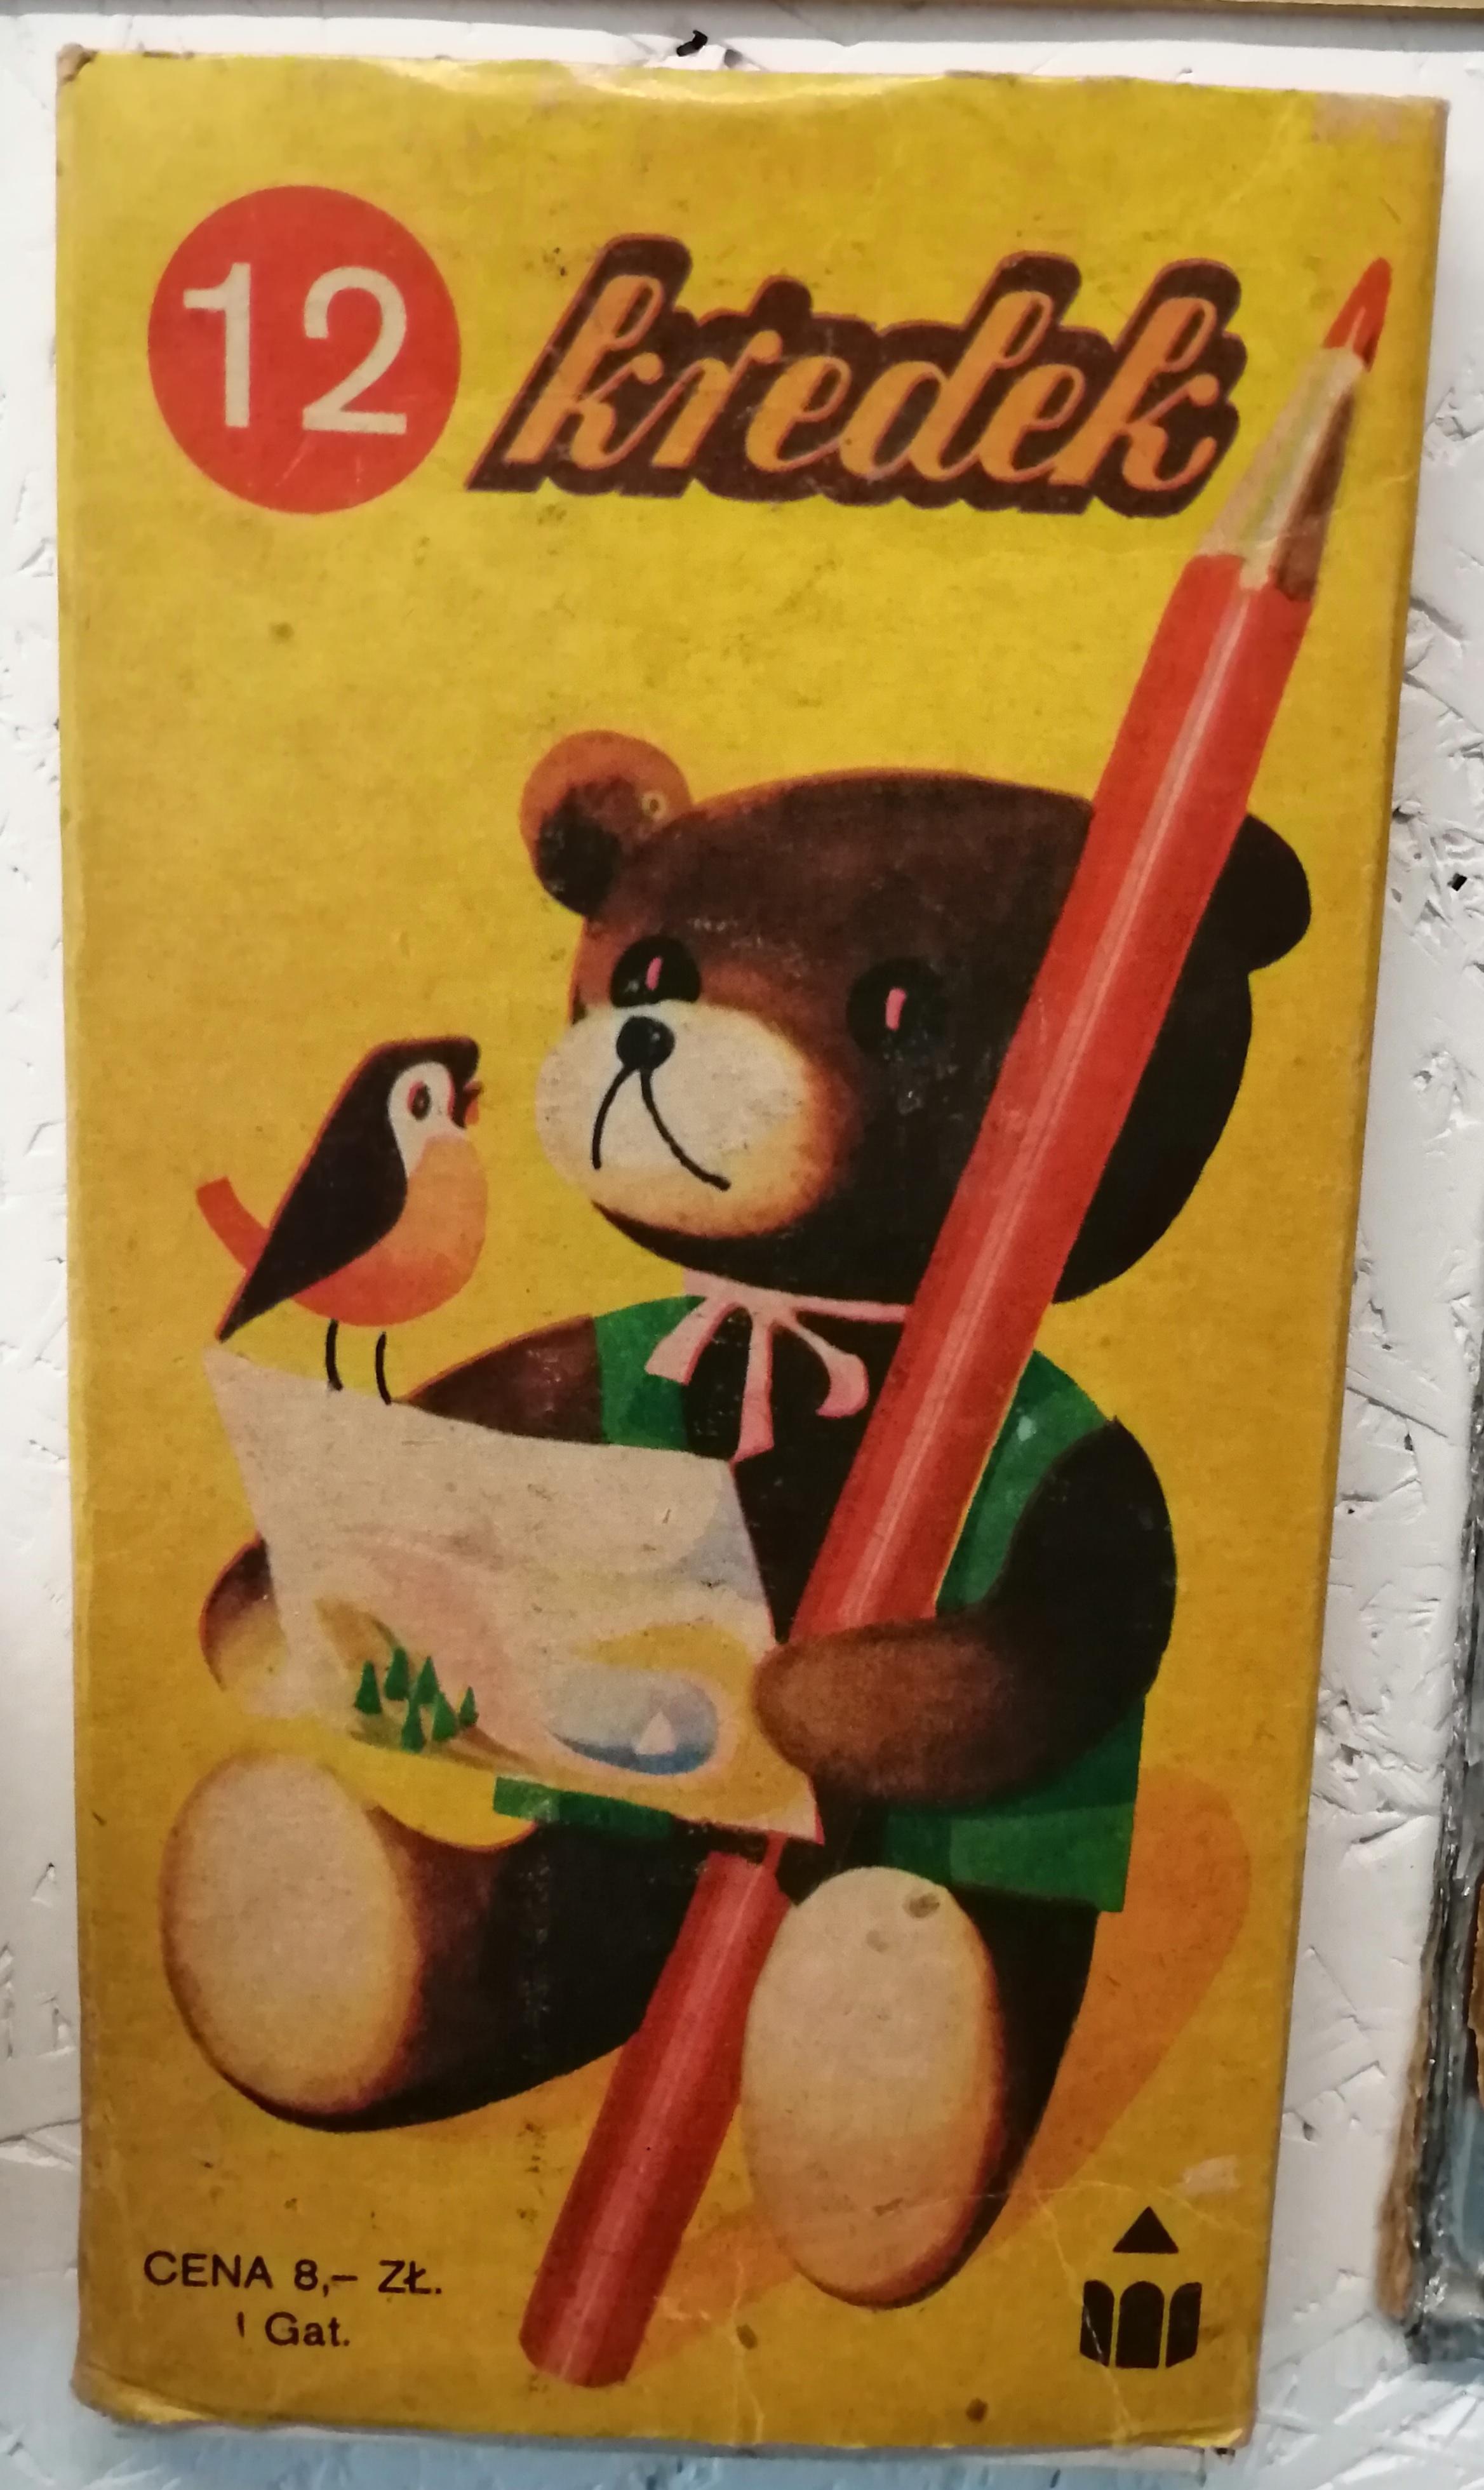 """Step in Warsaw - Stadtführerin in Warschau. Ich habe heute in dem Museum des Lebens unter Kommunismus https://mzprl.pl/?lang=en eine sentimentale Reise zu meiner Kindheit gemacht. Ich erinnere mich daran... Ich habe die gleichen Teddybär-Buntstifte und Kaugummis """"Kugeln"""", die meine Zunge gefärbt haben, gehabt. Warschau, 22.08.2019."""